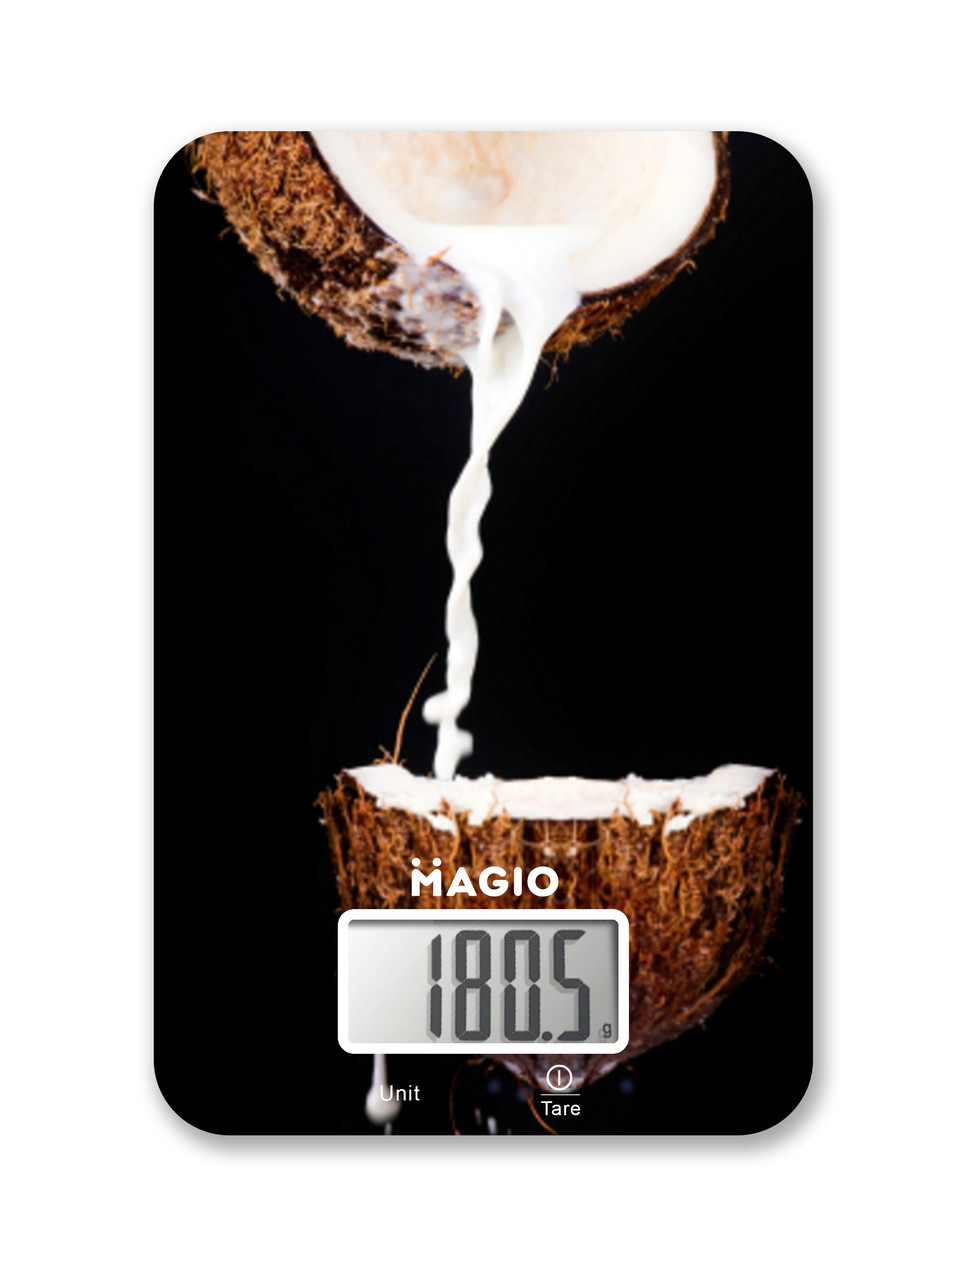 Весы кух.MAGIO MG-296 5 кг/электр./ стекло(кокос).